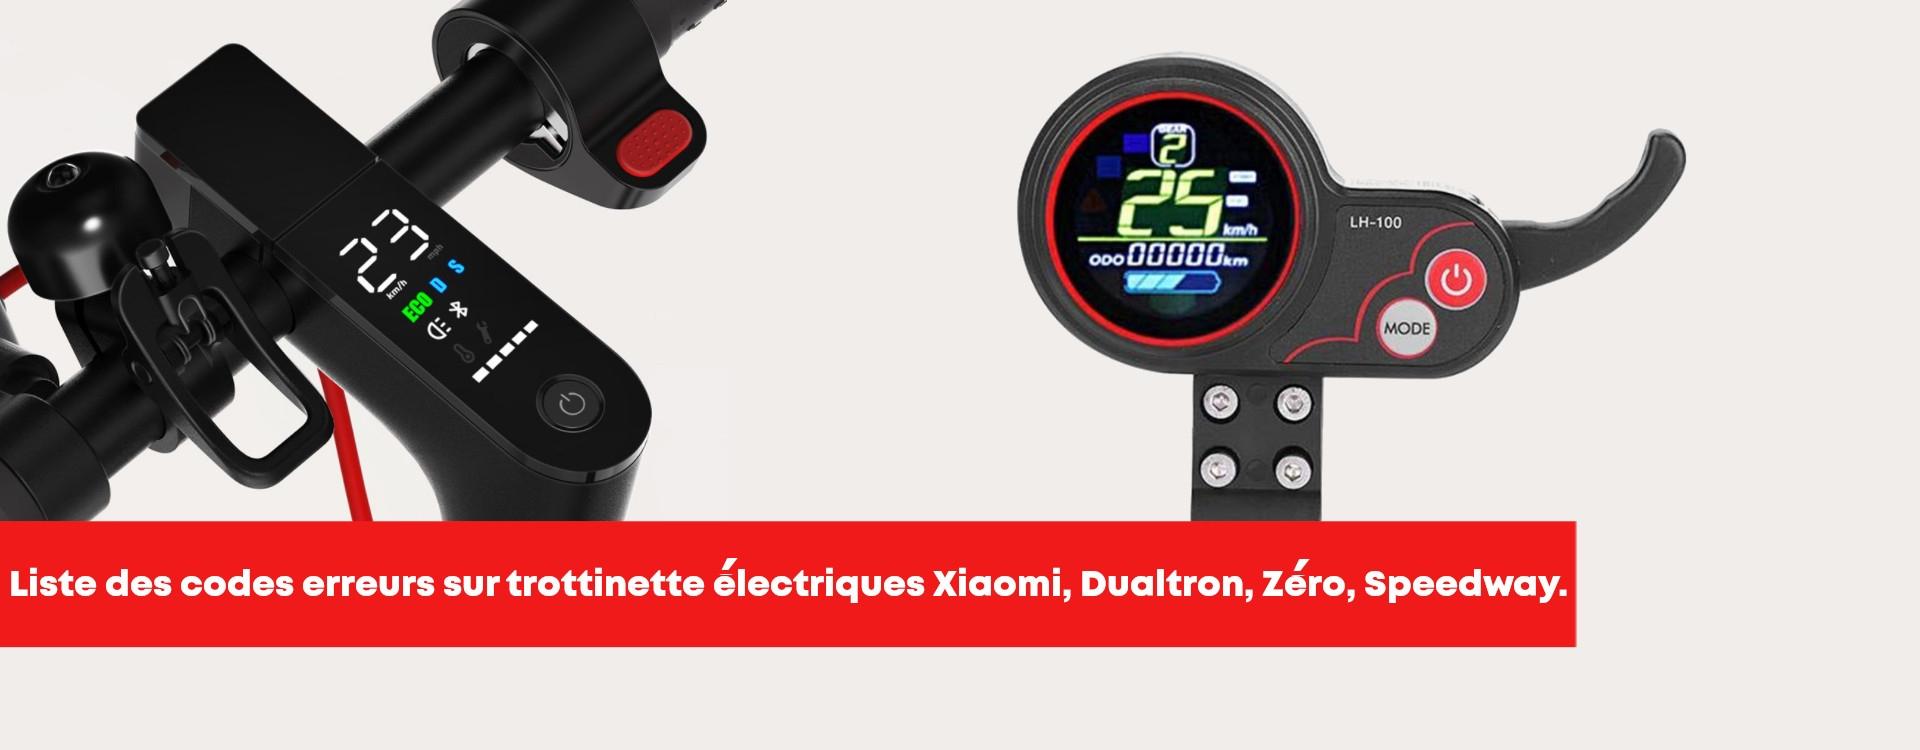 Code erreur trottinette électrique Xiaomi M365, Dualtron, Zero, Speedway, Kaabo, speedtrott...etc.